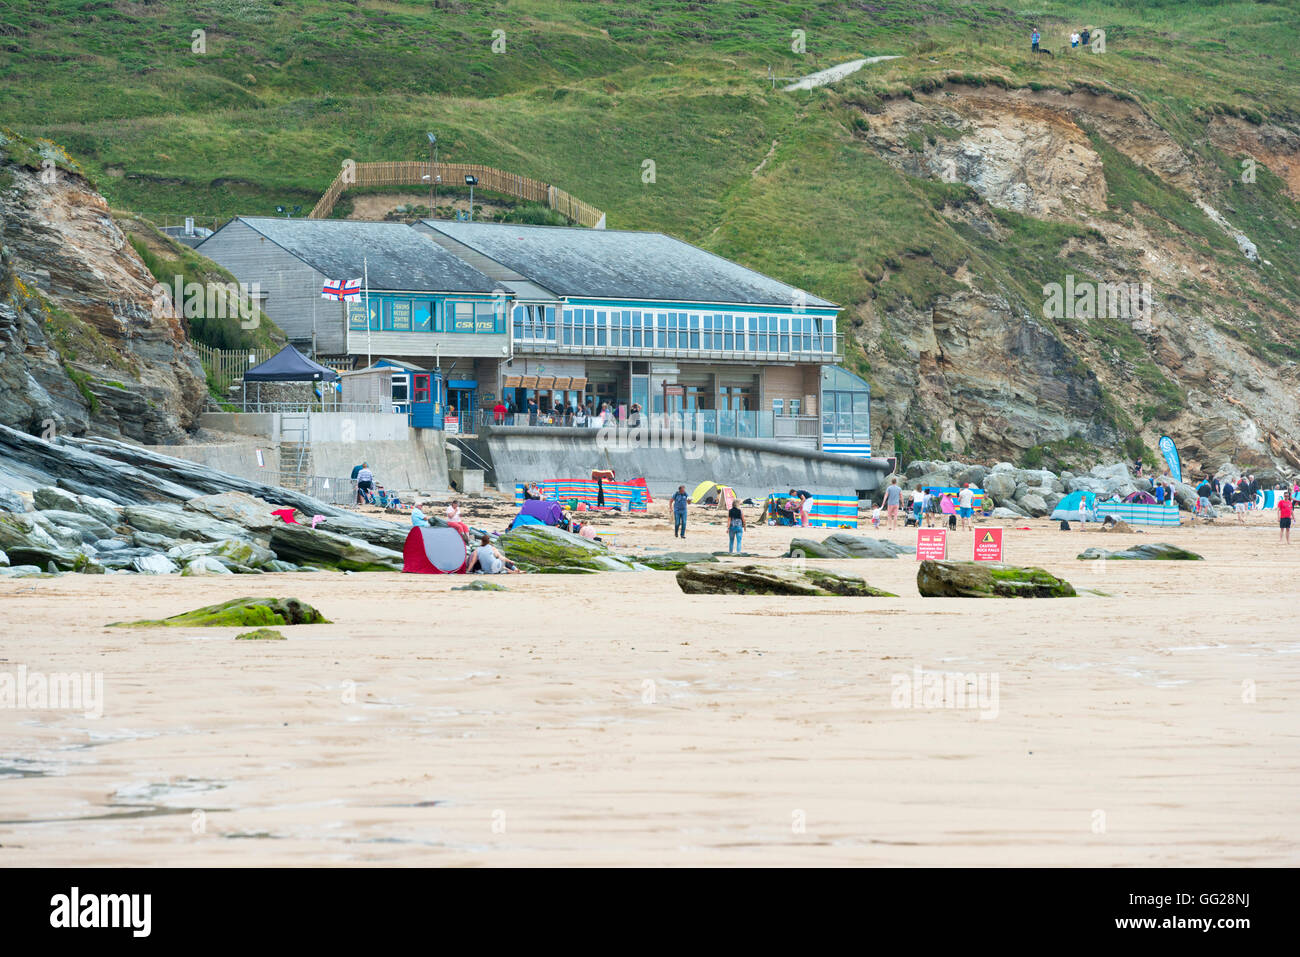 Edificios incluyendo 15 o quince el restaurante propiedad de Jamie Oliver en Watergate Bay Cornwall UK Imagen De Stock